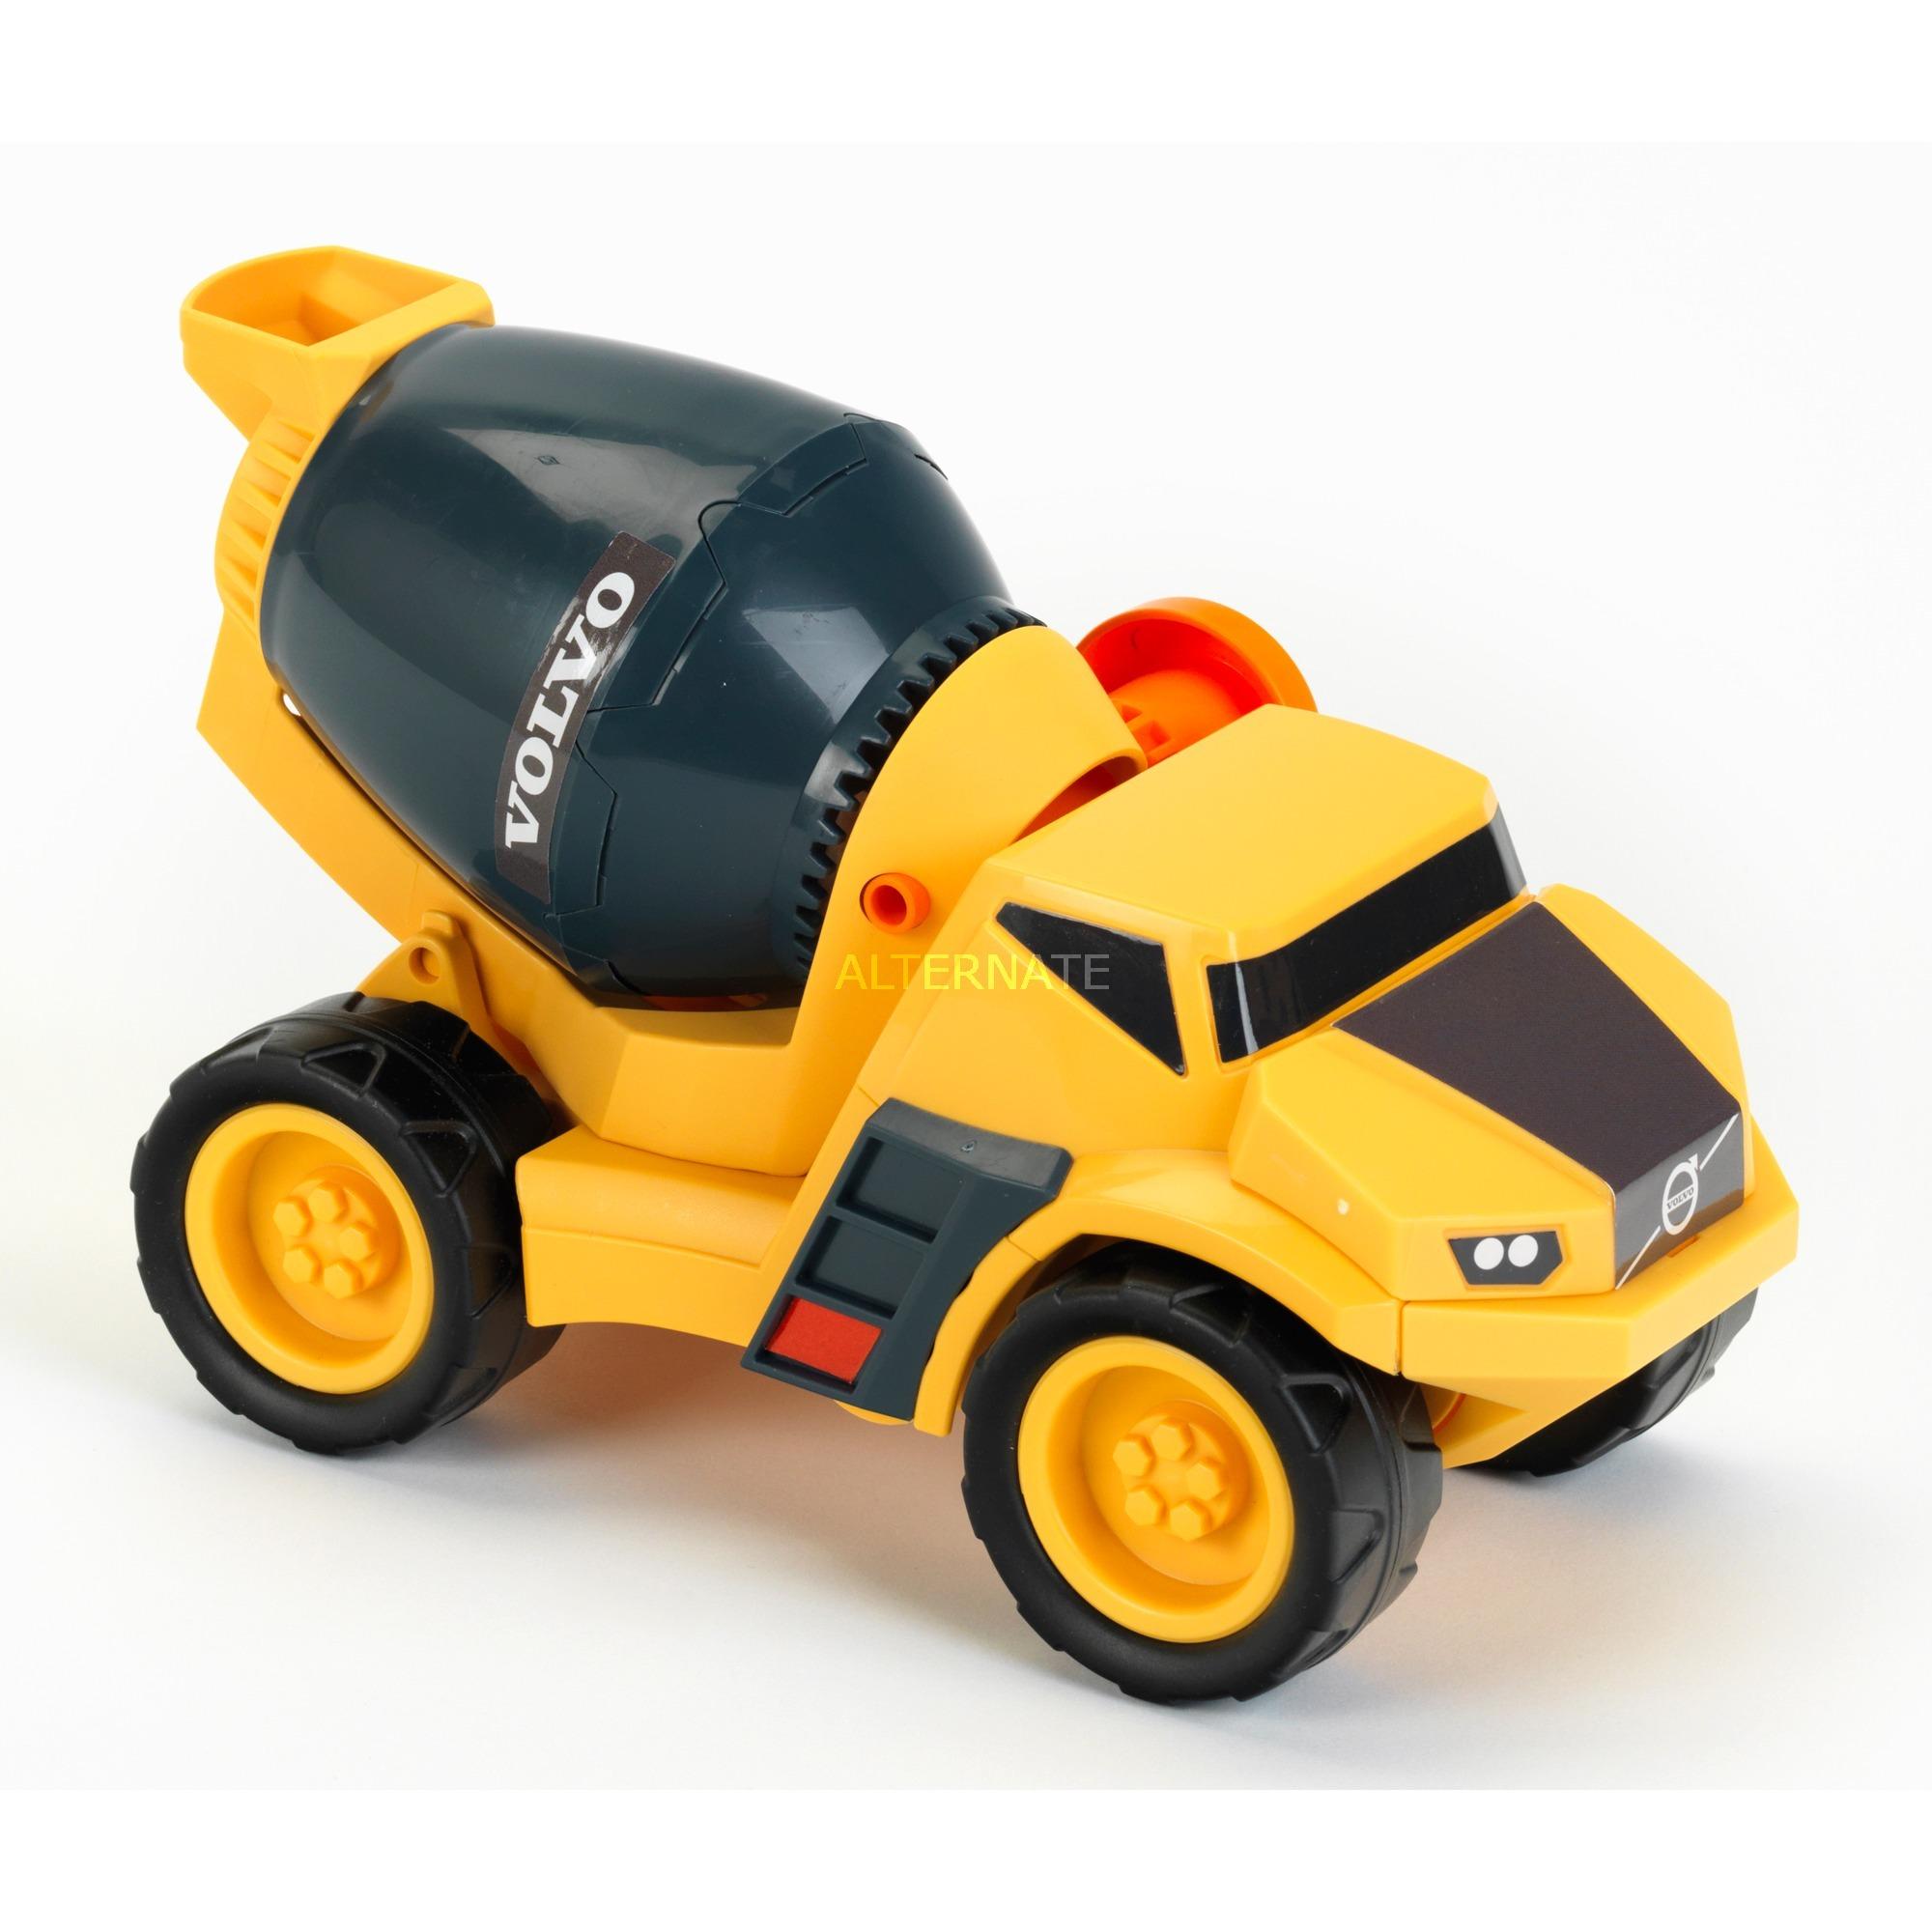 2427, Vehículo de juguete